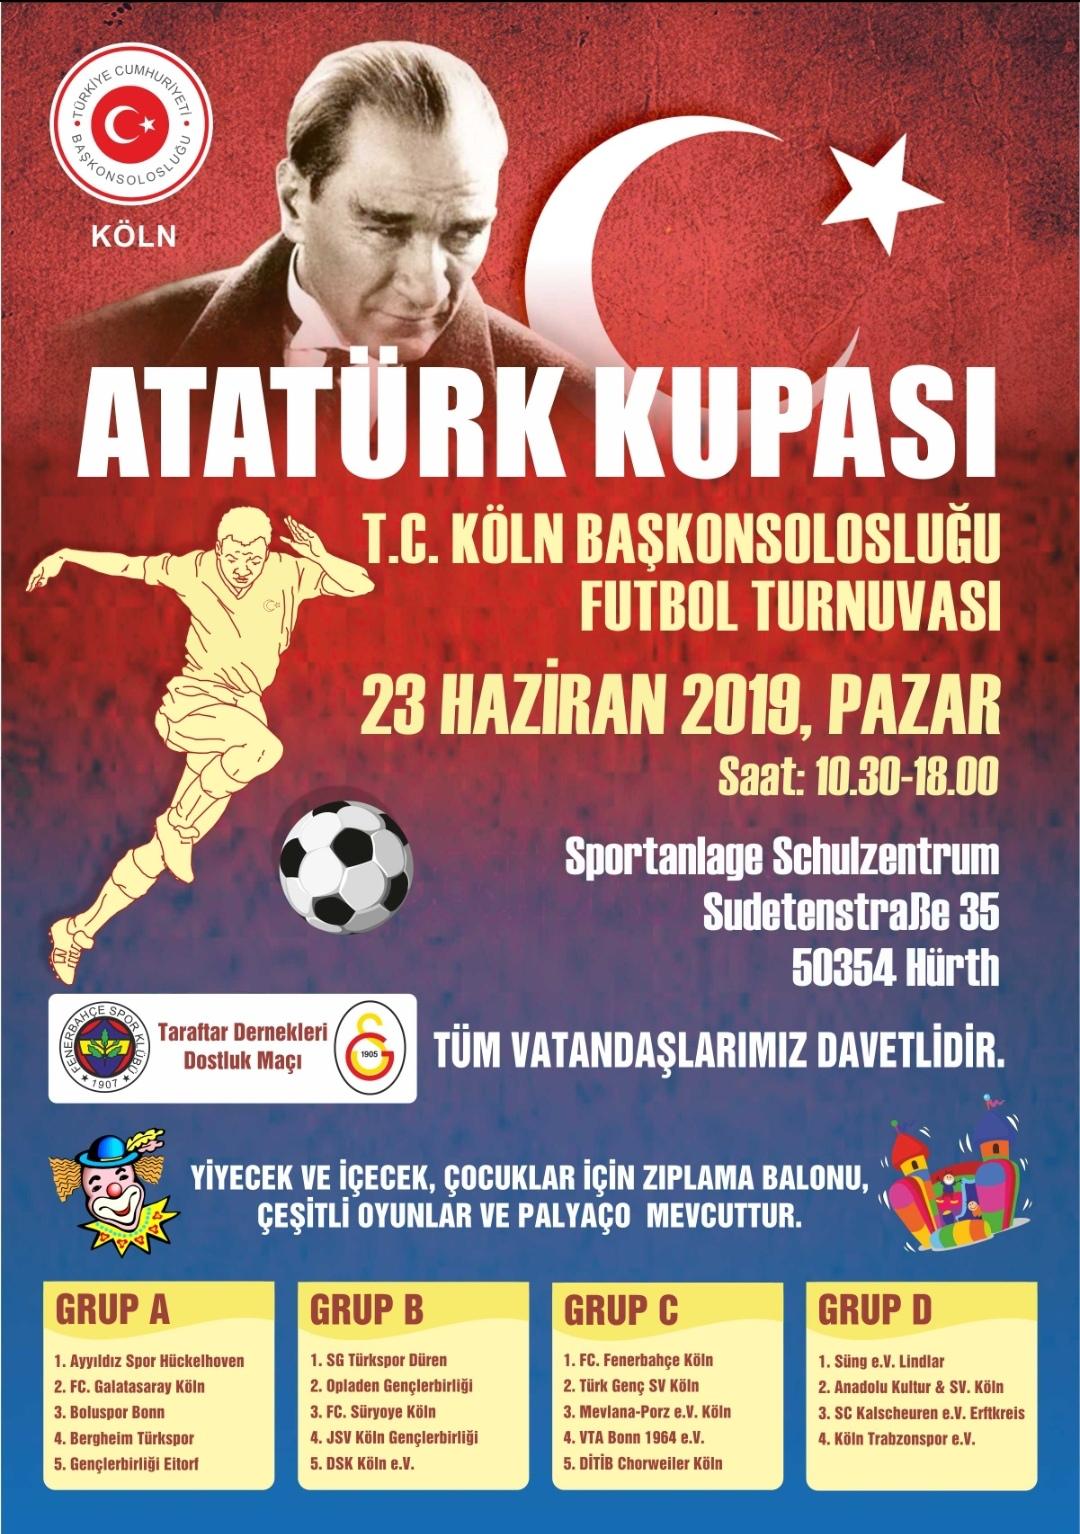 Teilnahme am Atatürk Cup